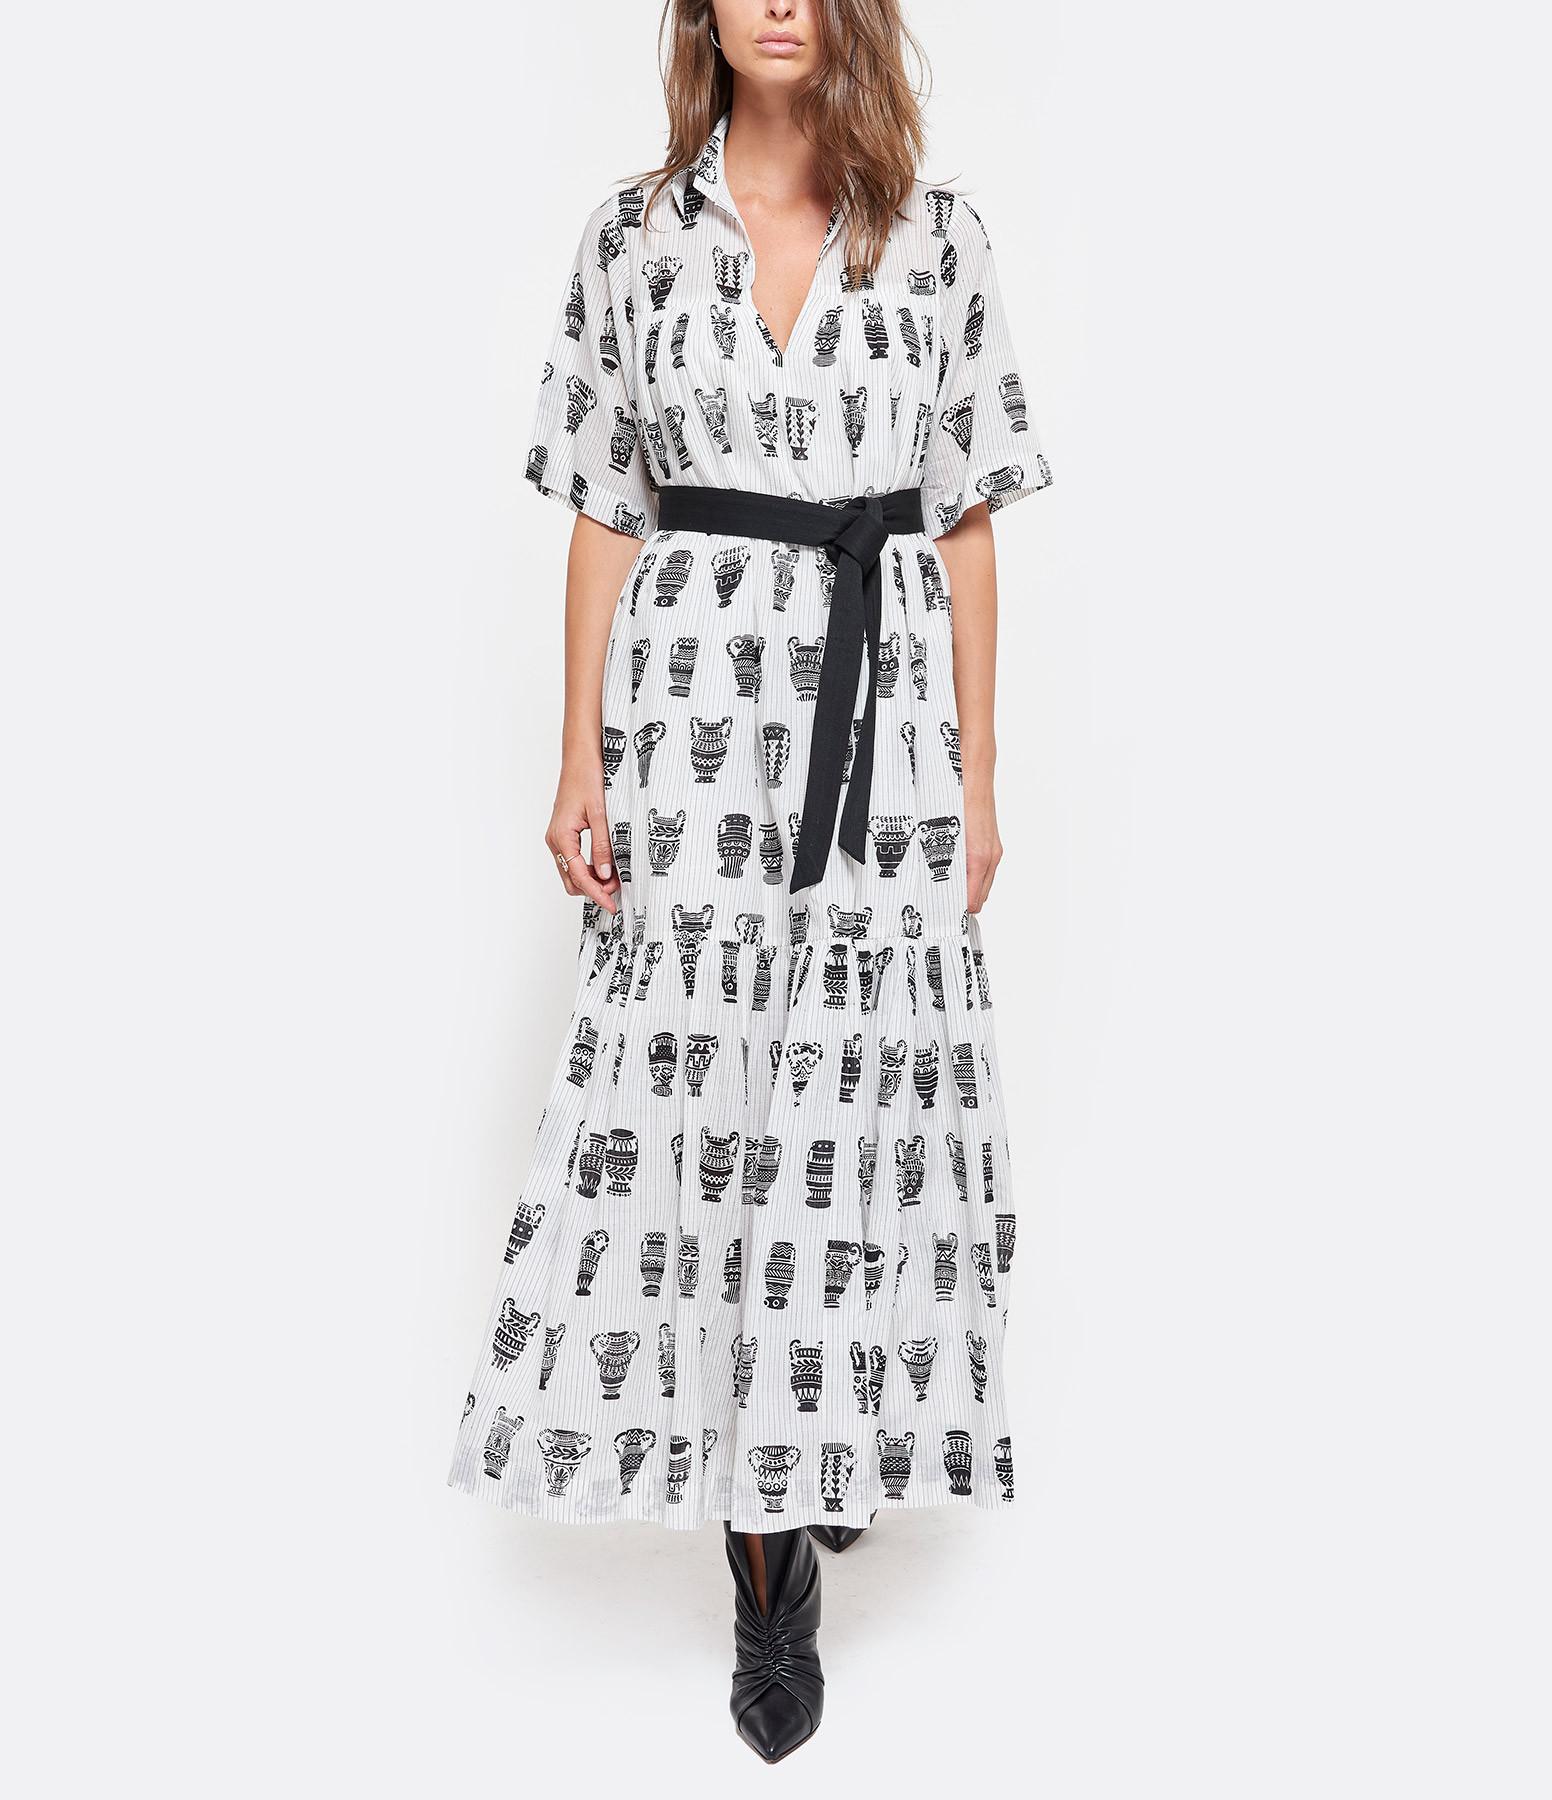 MII - Robe Tissée Coton Imprimé Noir